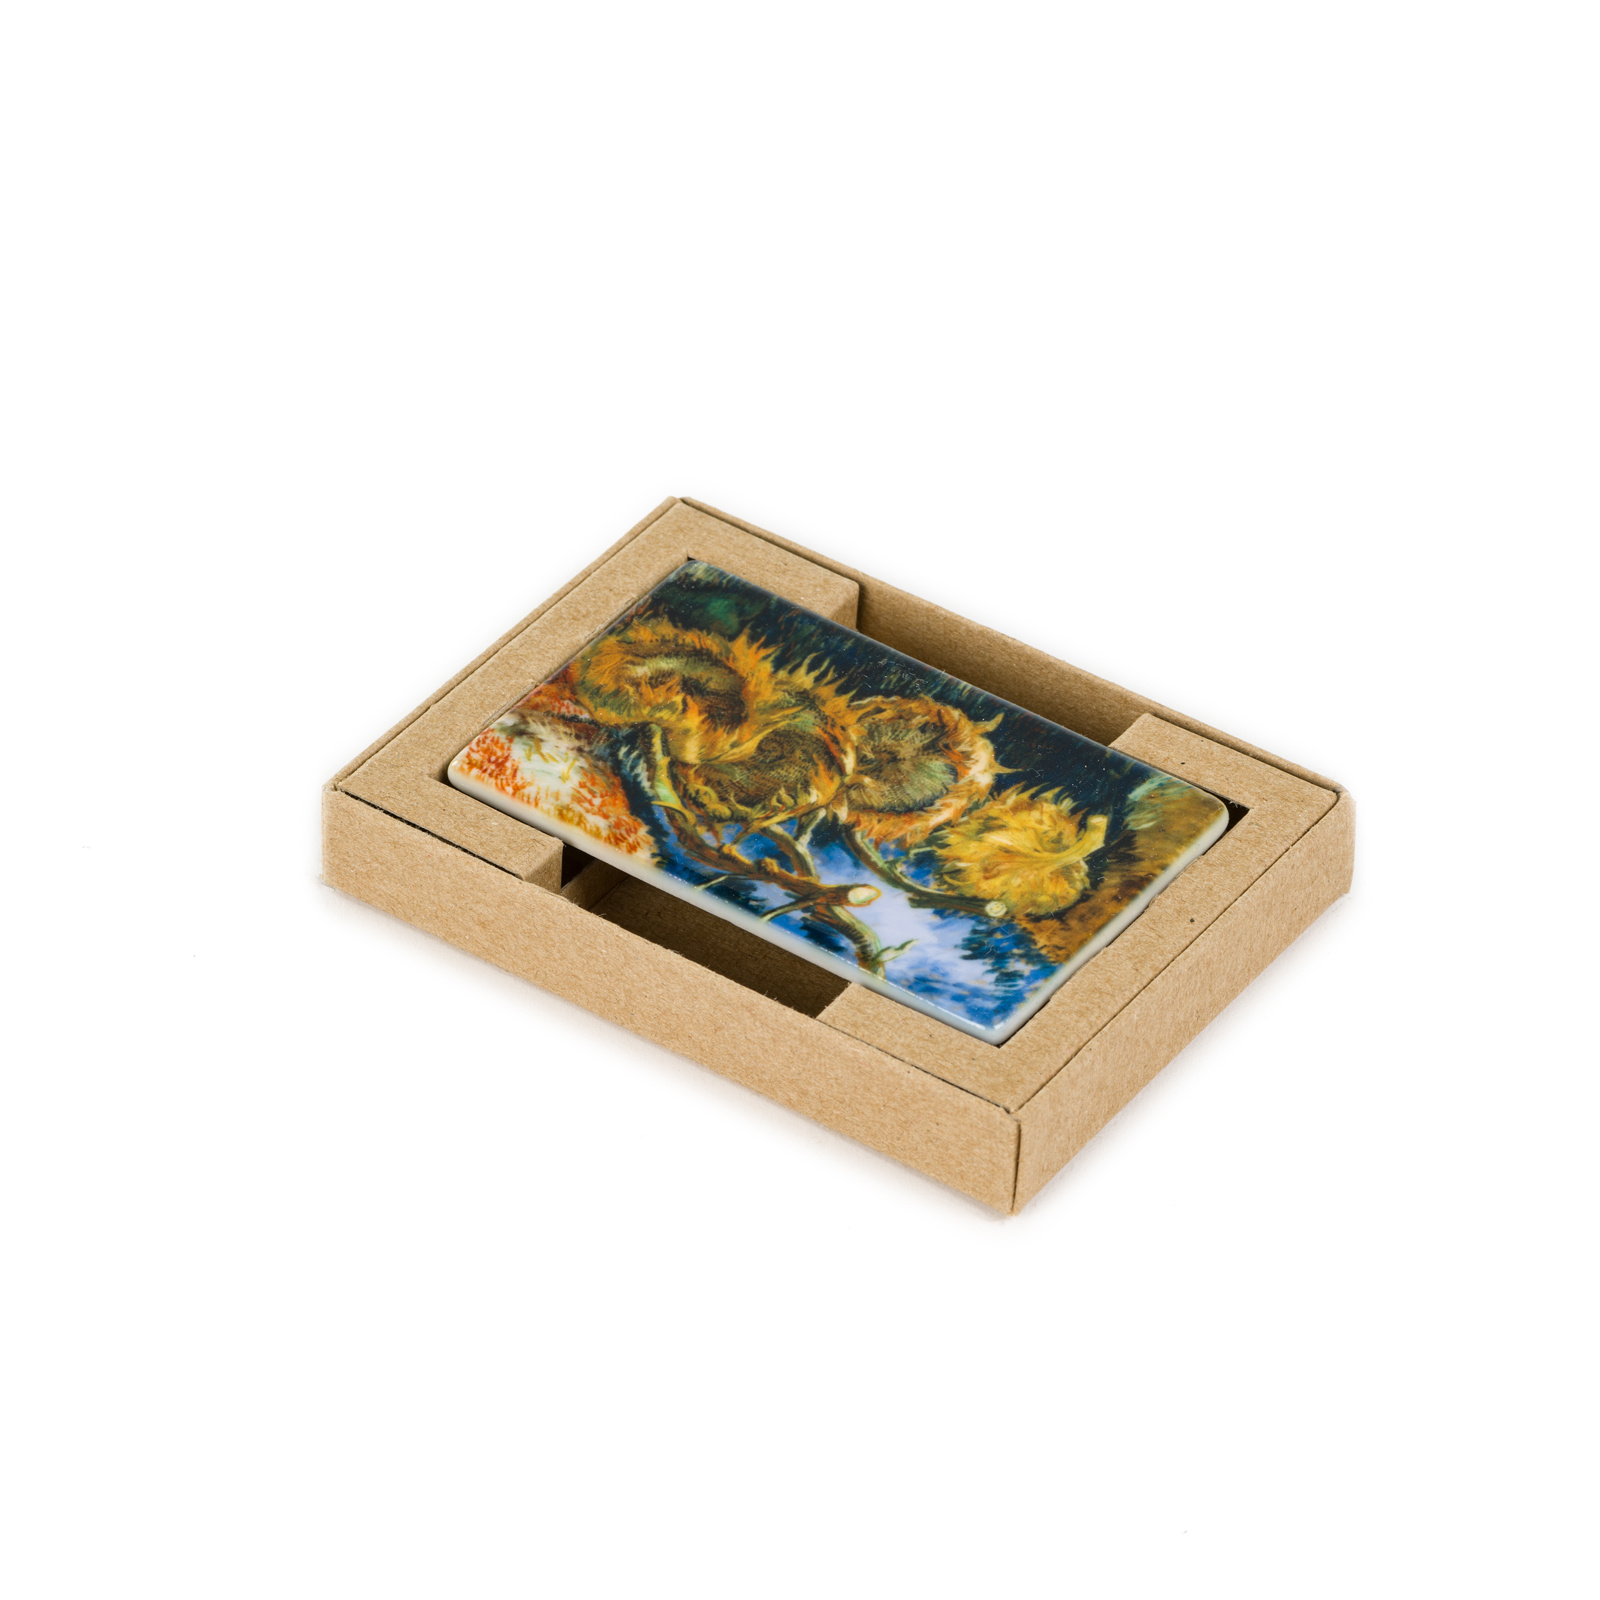 Koelkast magneet Van Gogh - Vier uitgebloeide zonnebloemen